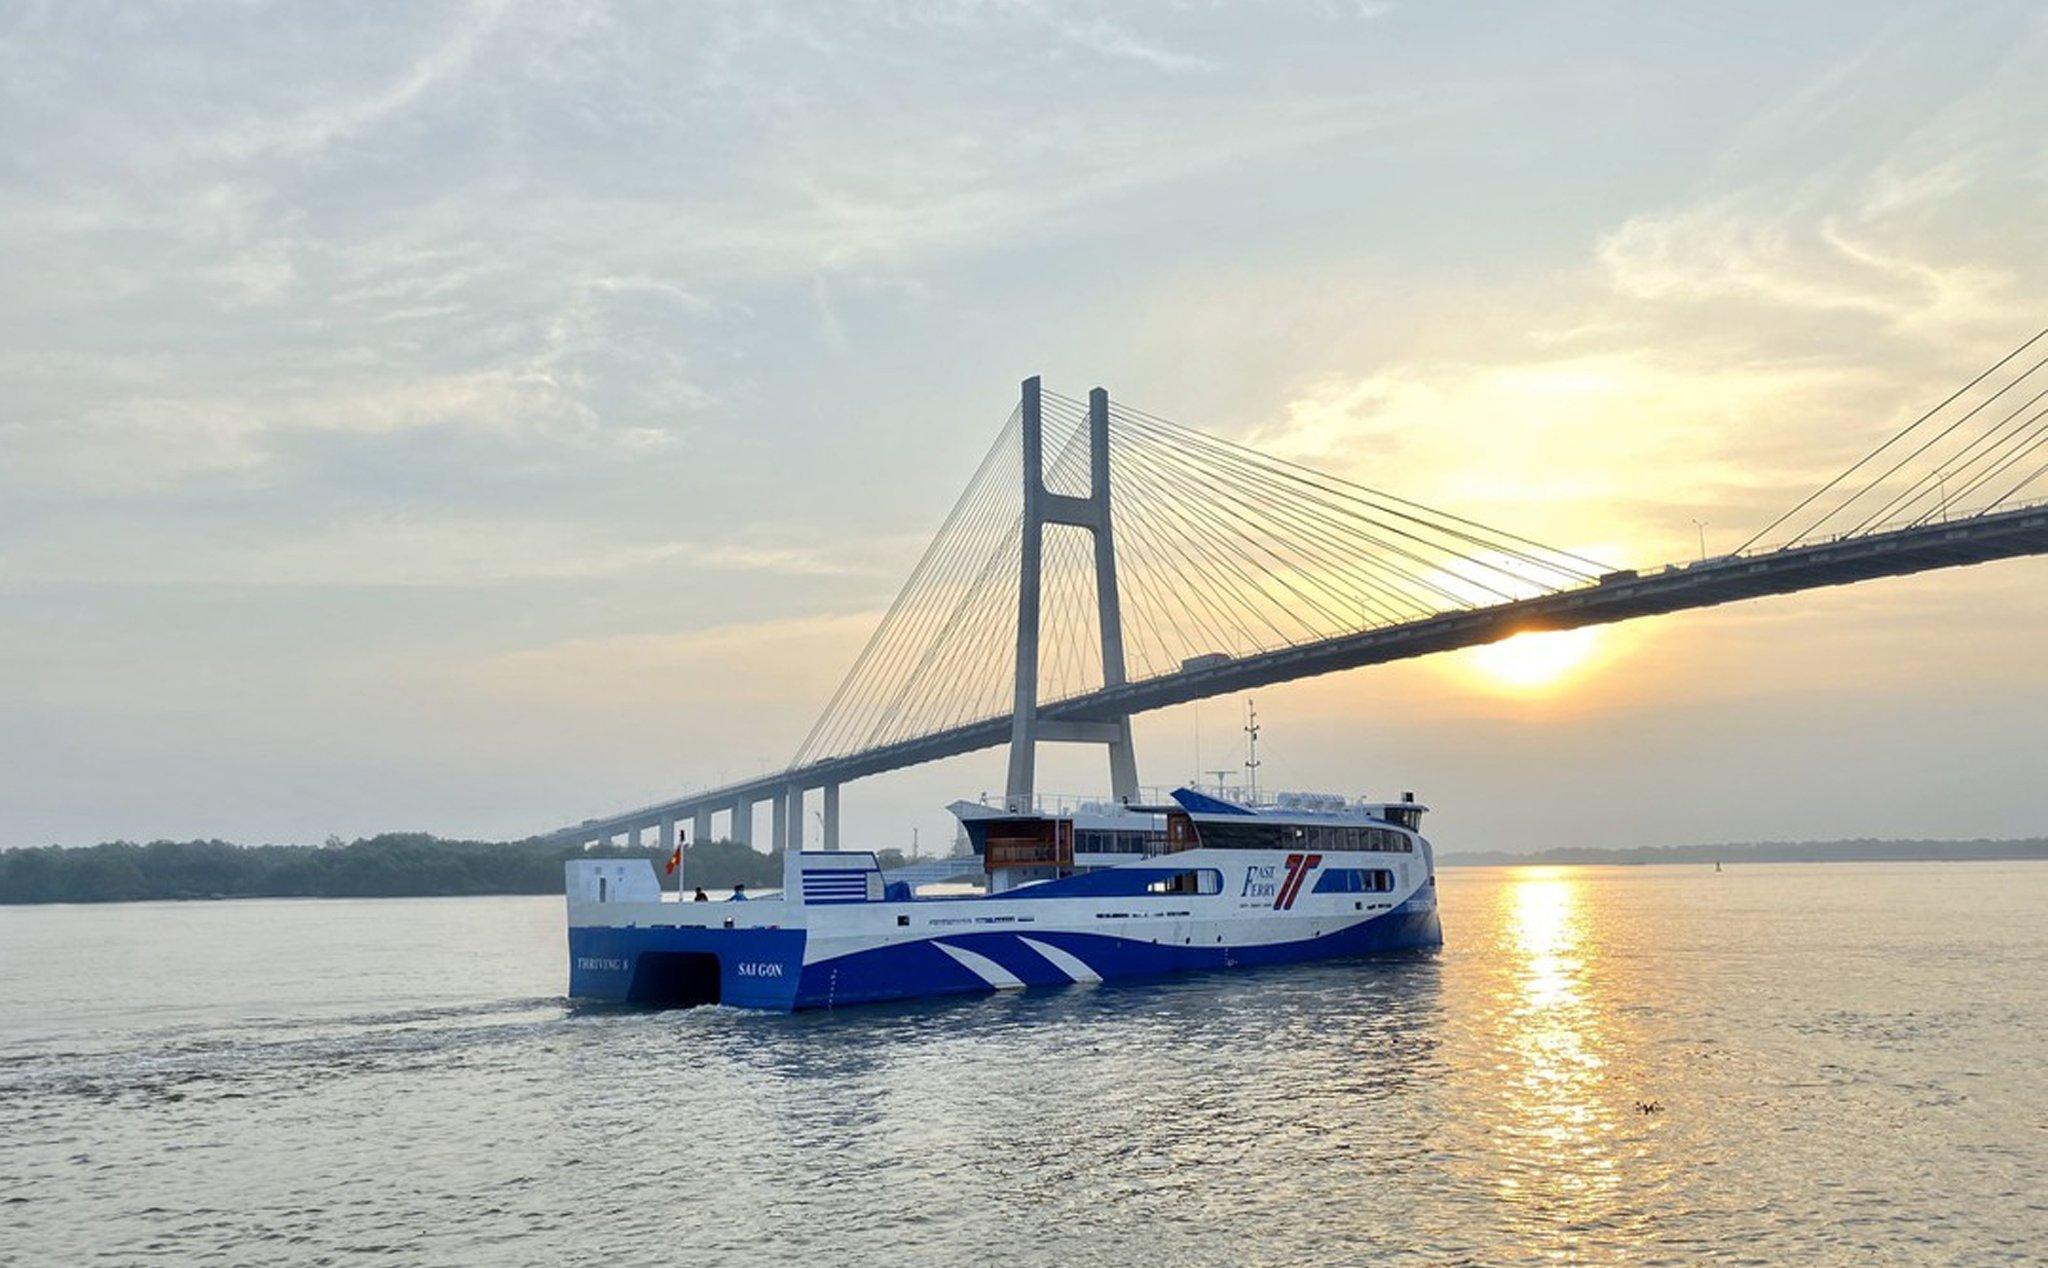 Tuyến phà biển đi từ Sài Gòn đến Vũng Tàu trong 30 phút sẽ được khai trương trước Tết